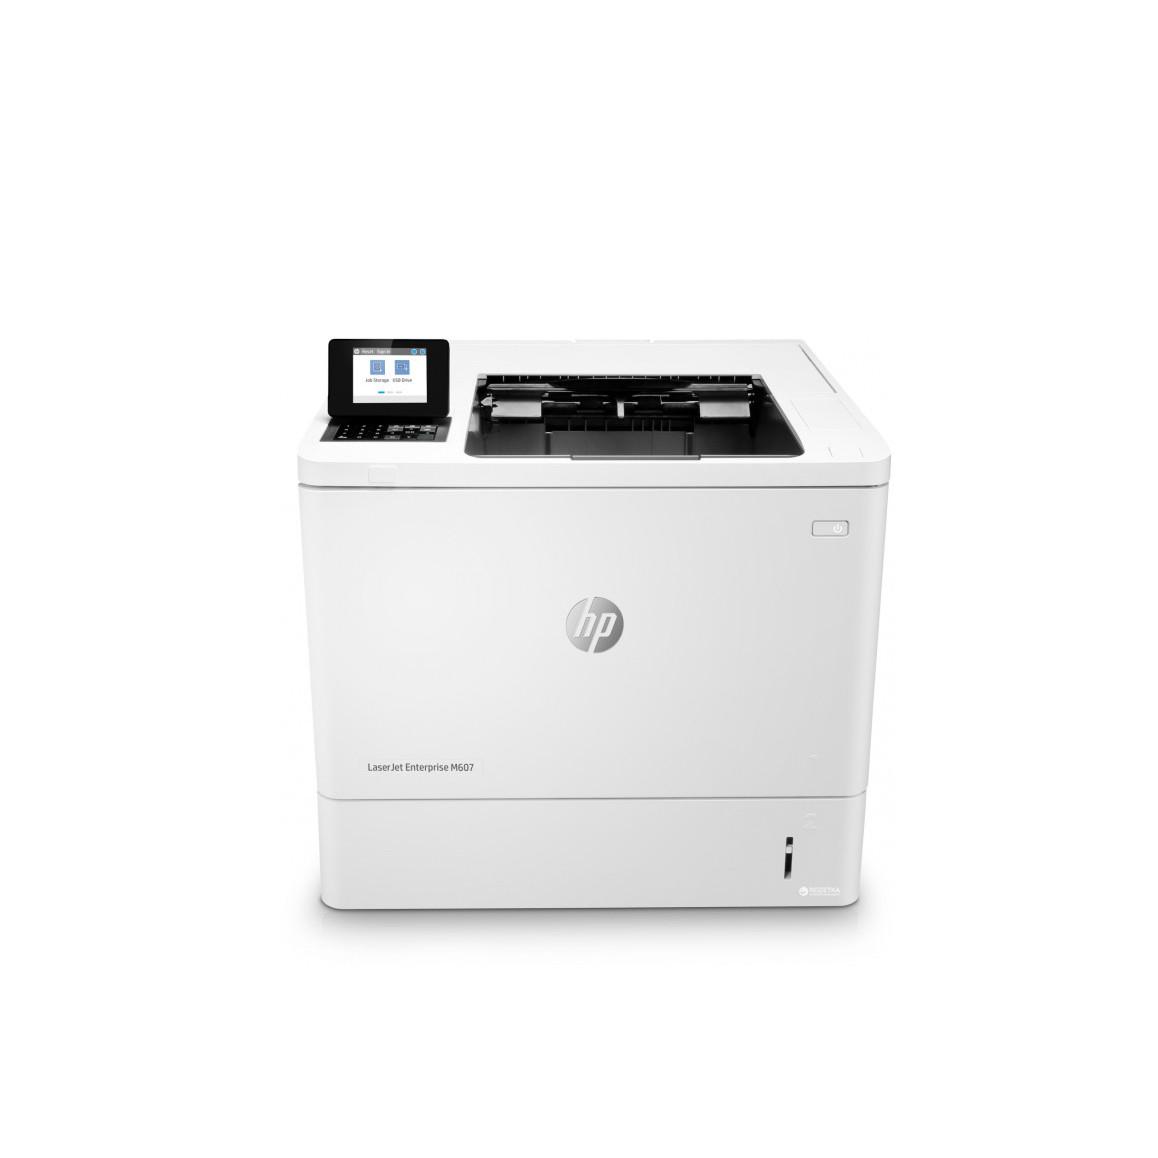 Принтер HP LaserJet Enterprise M607dn B (А4, Лазерный, Монохромный (черно - белый), USB, Ethernet) K0Q15A